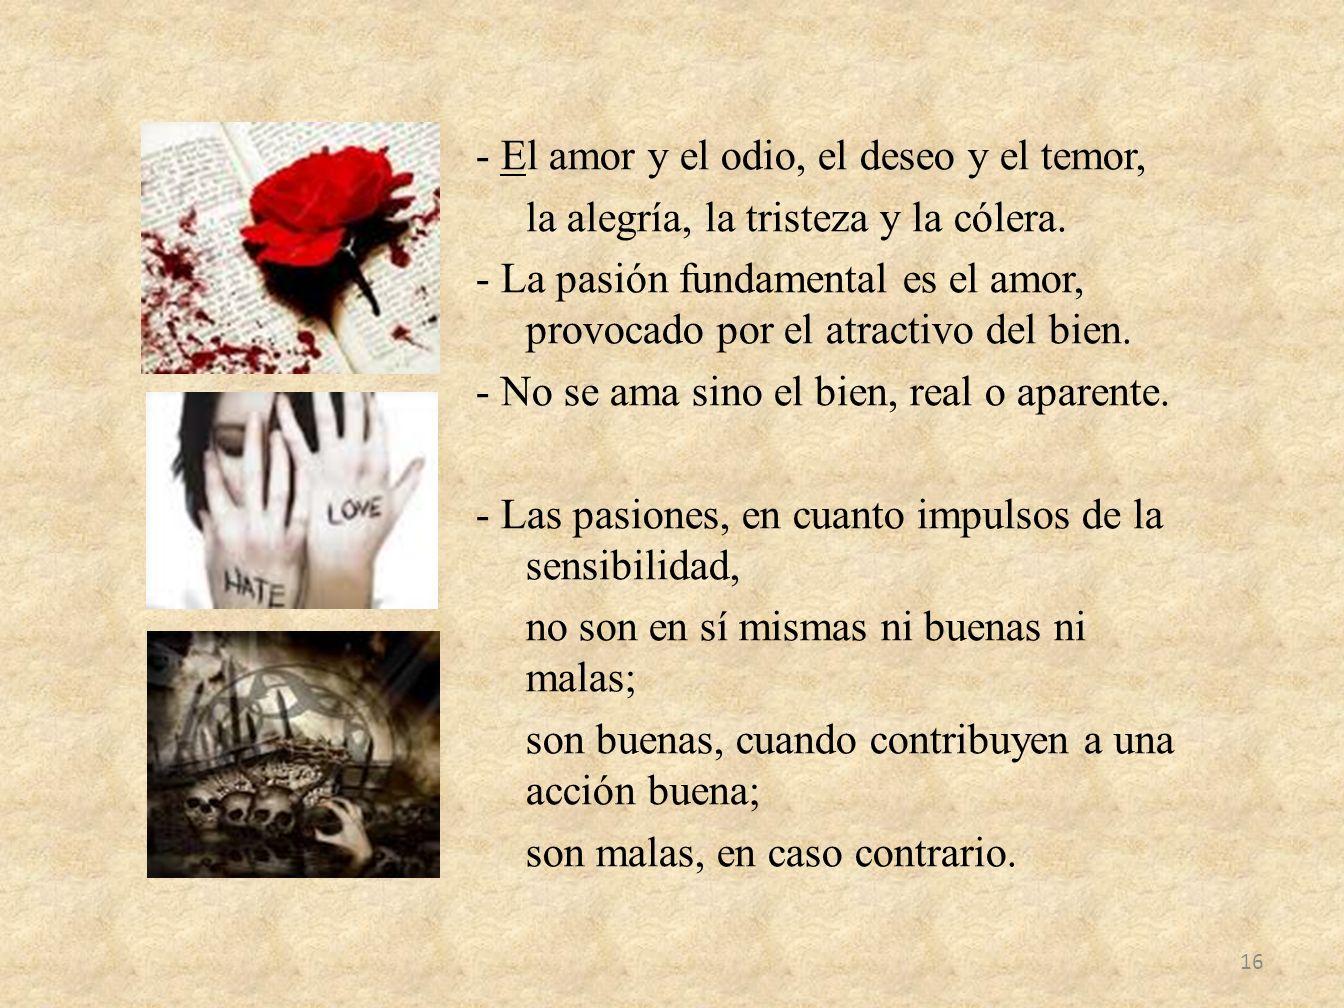 - El amor y el odio, el deseo y el temor, la alegría, la tristeza y la cólera.